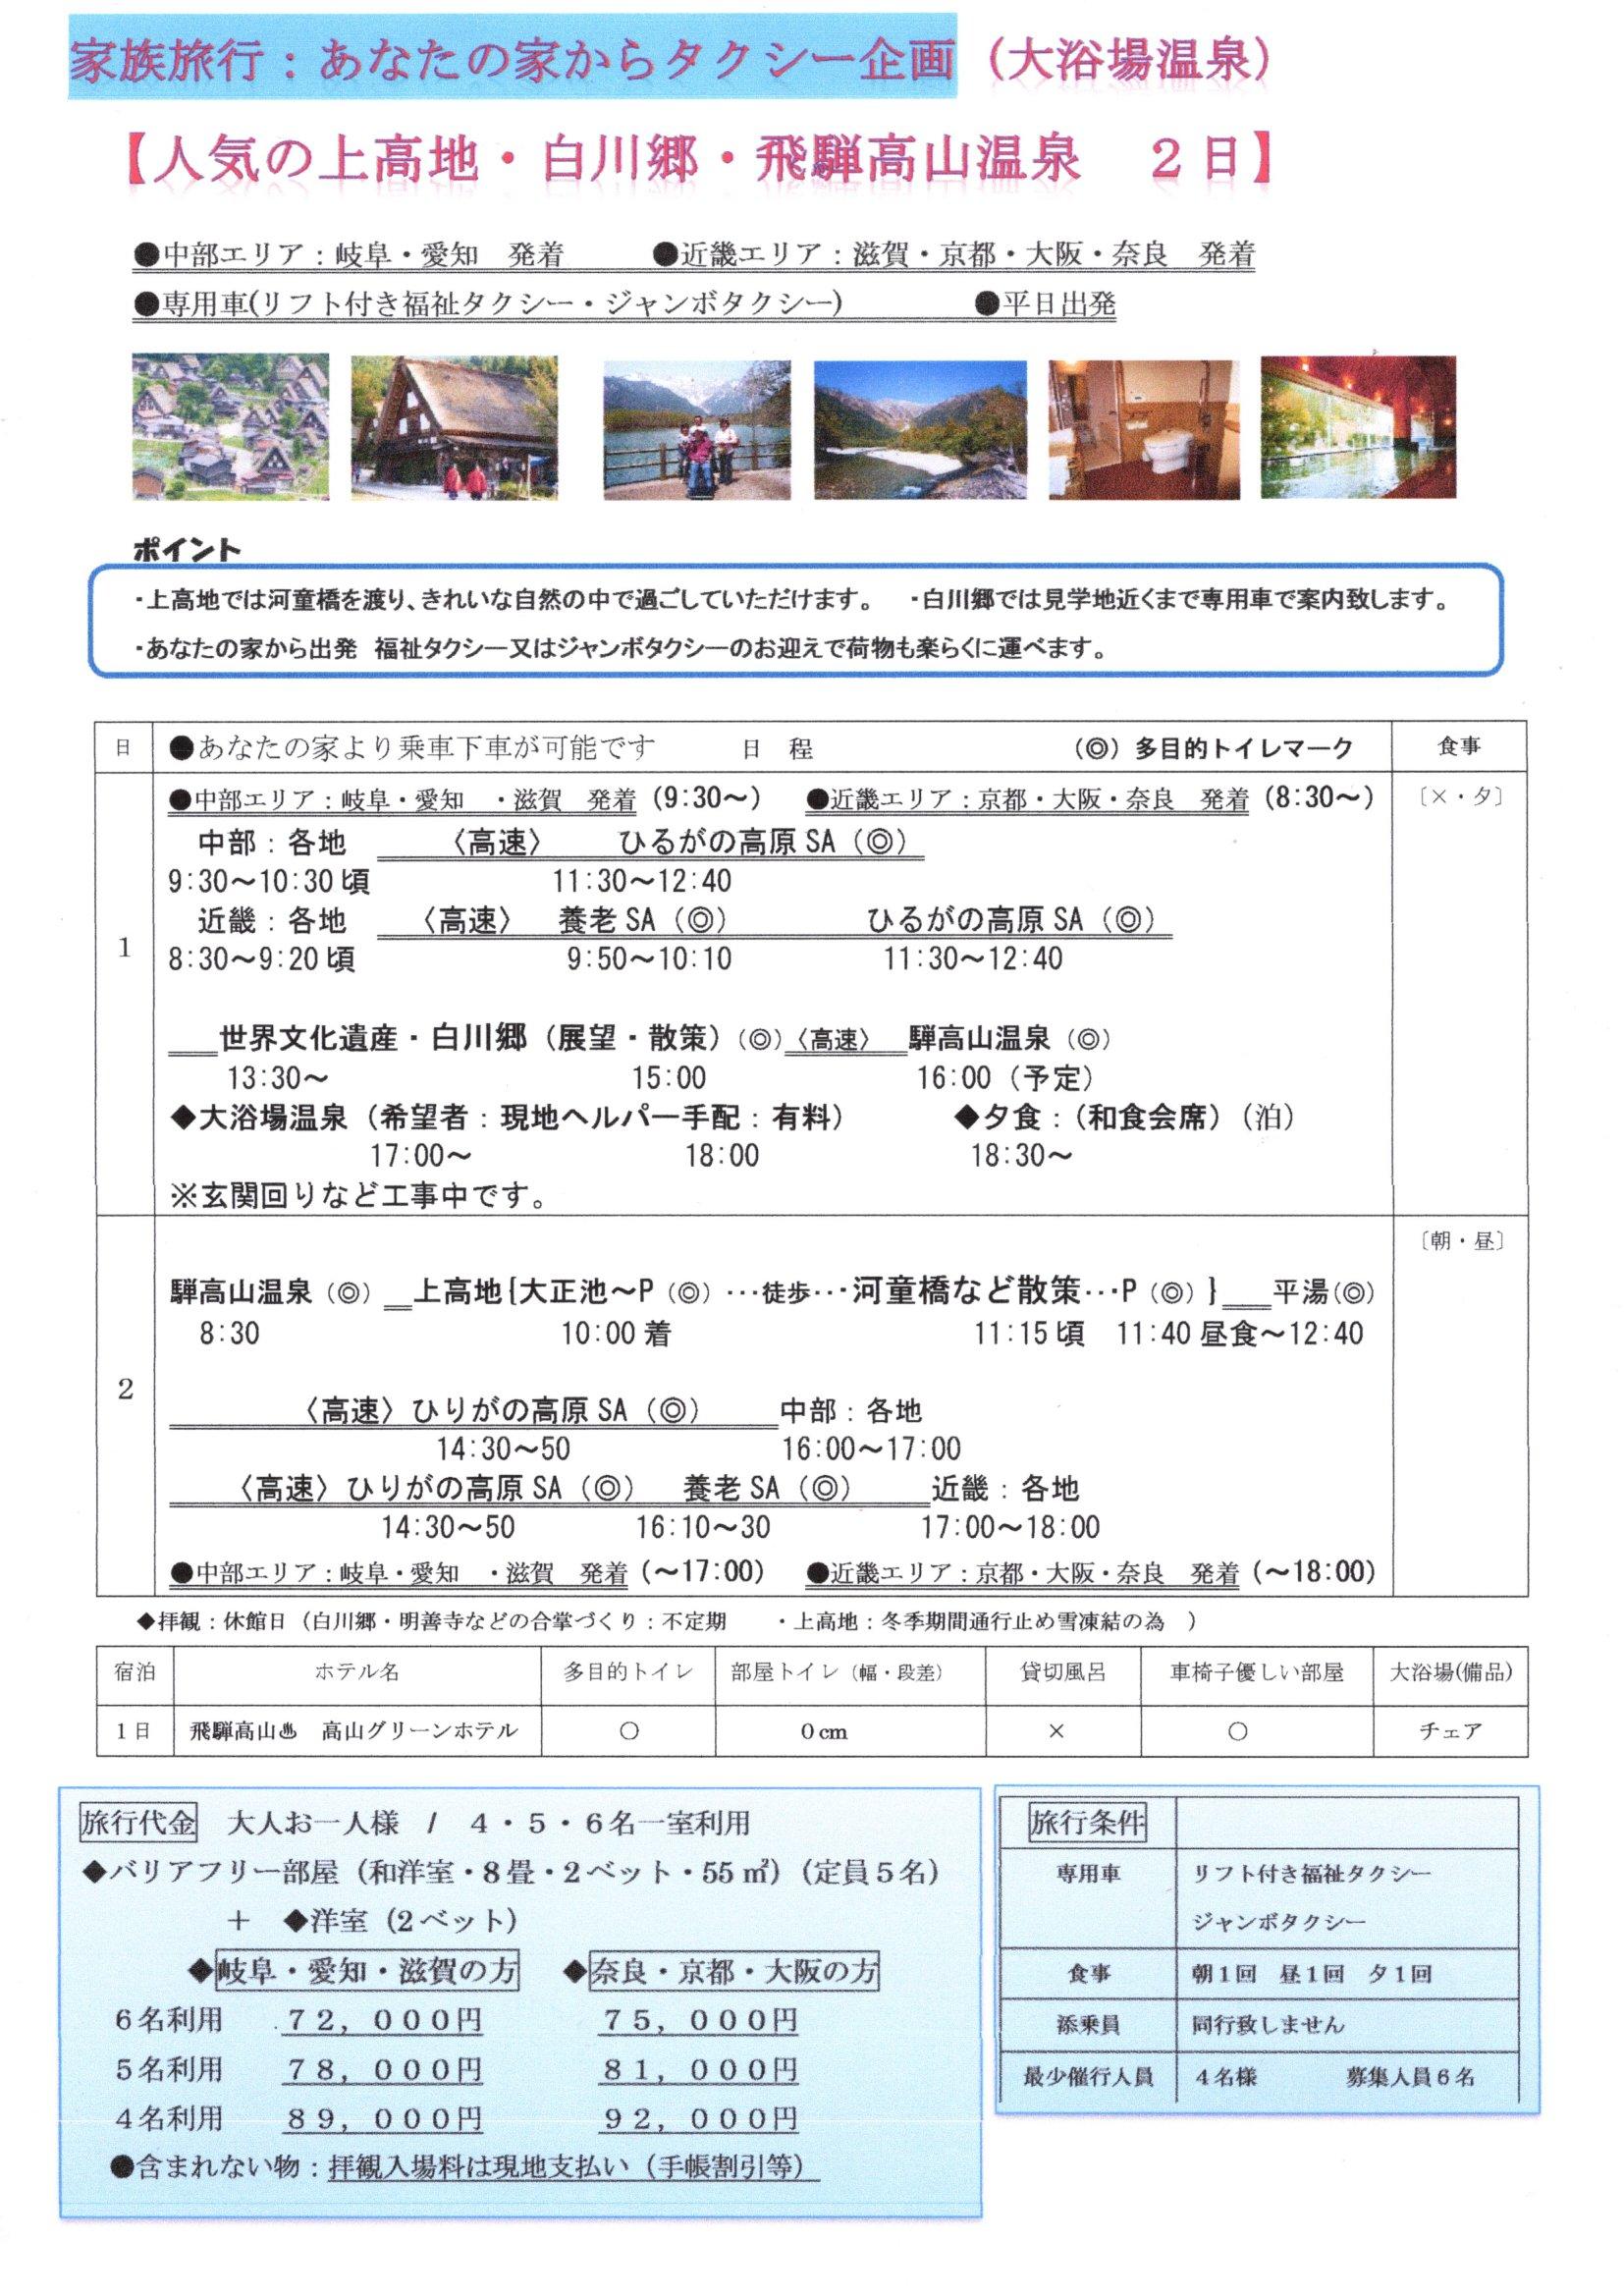 人気の上高地・白川郷・のんびり飛騨高山温泉 2日